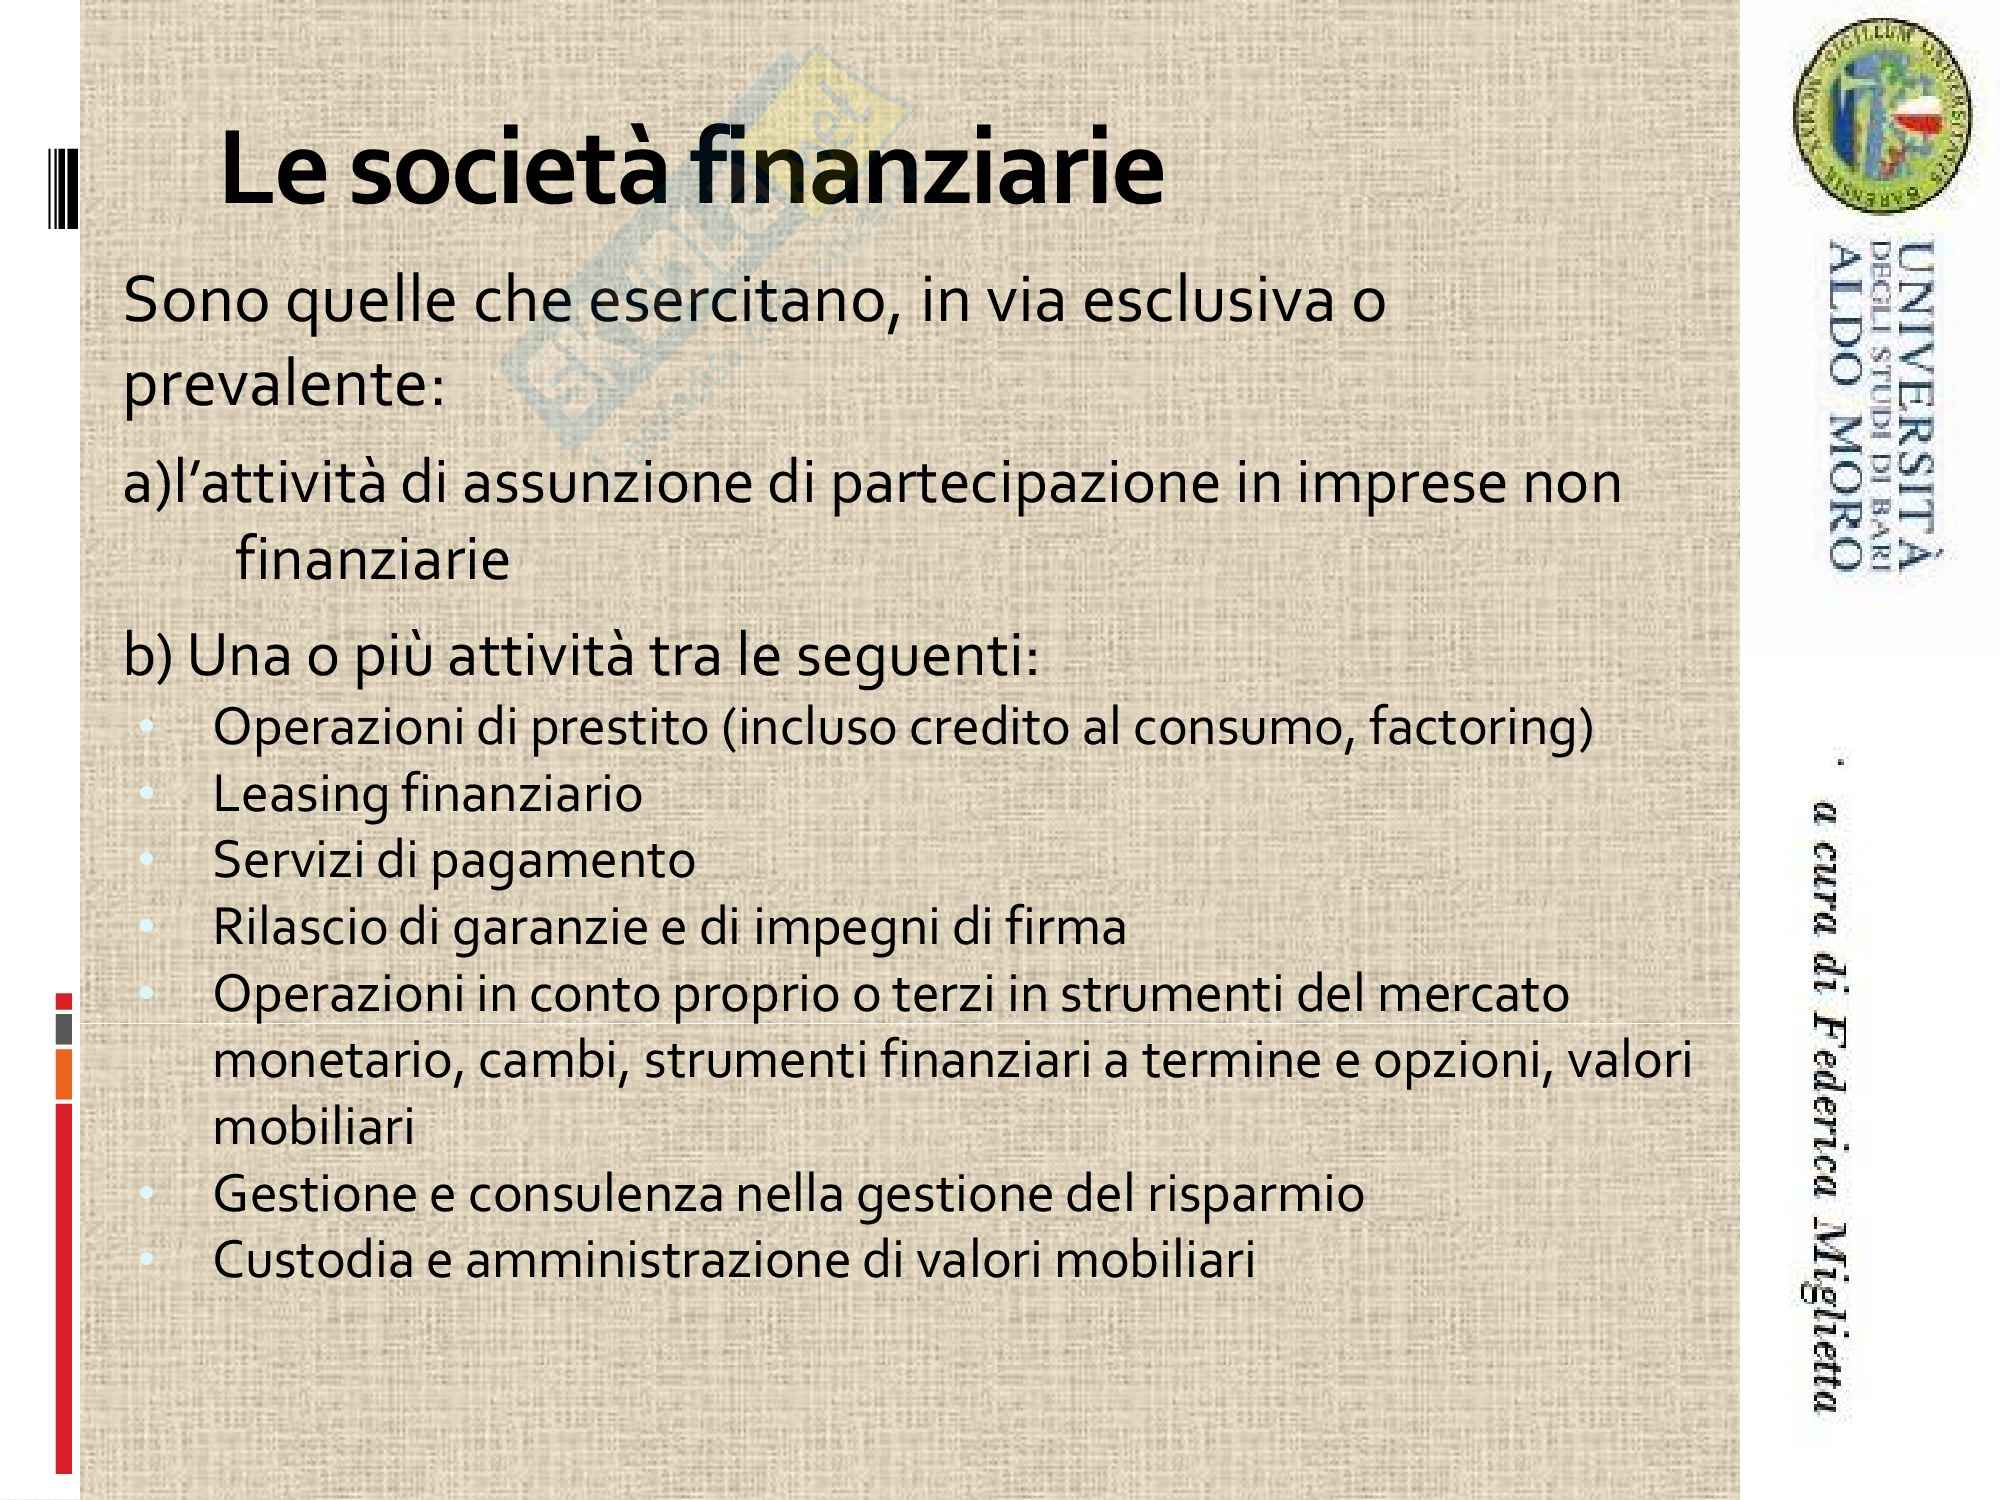 Economia degli intermediari finanziari - attività bancaria Pag. 11